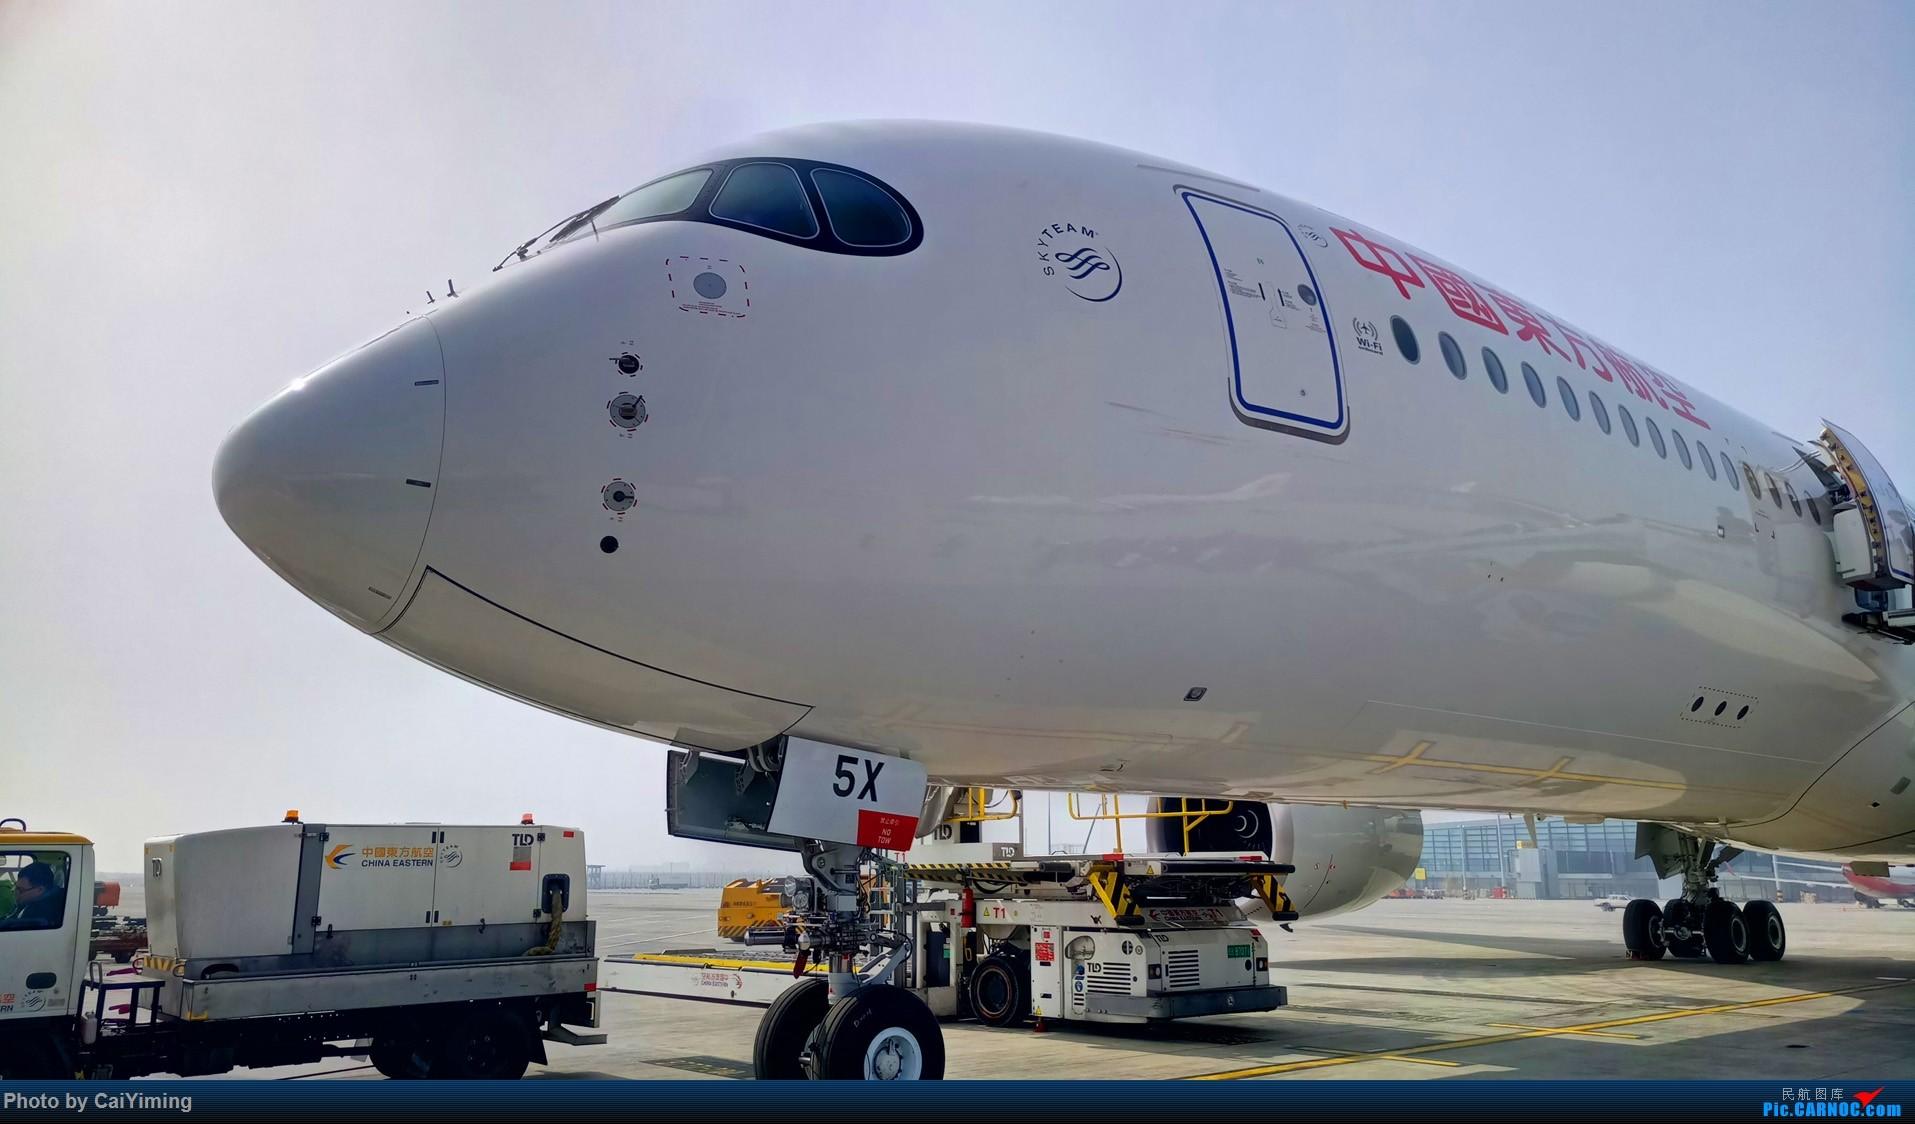 Re:[原创]【人在旅途】成都-浦东-虹桥-西安-南通-成都(3U+MU空客A359体验) AIRBUS A350-900 B-305X 中国上海浦东国际机场